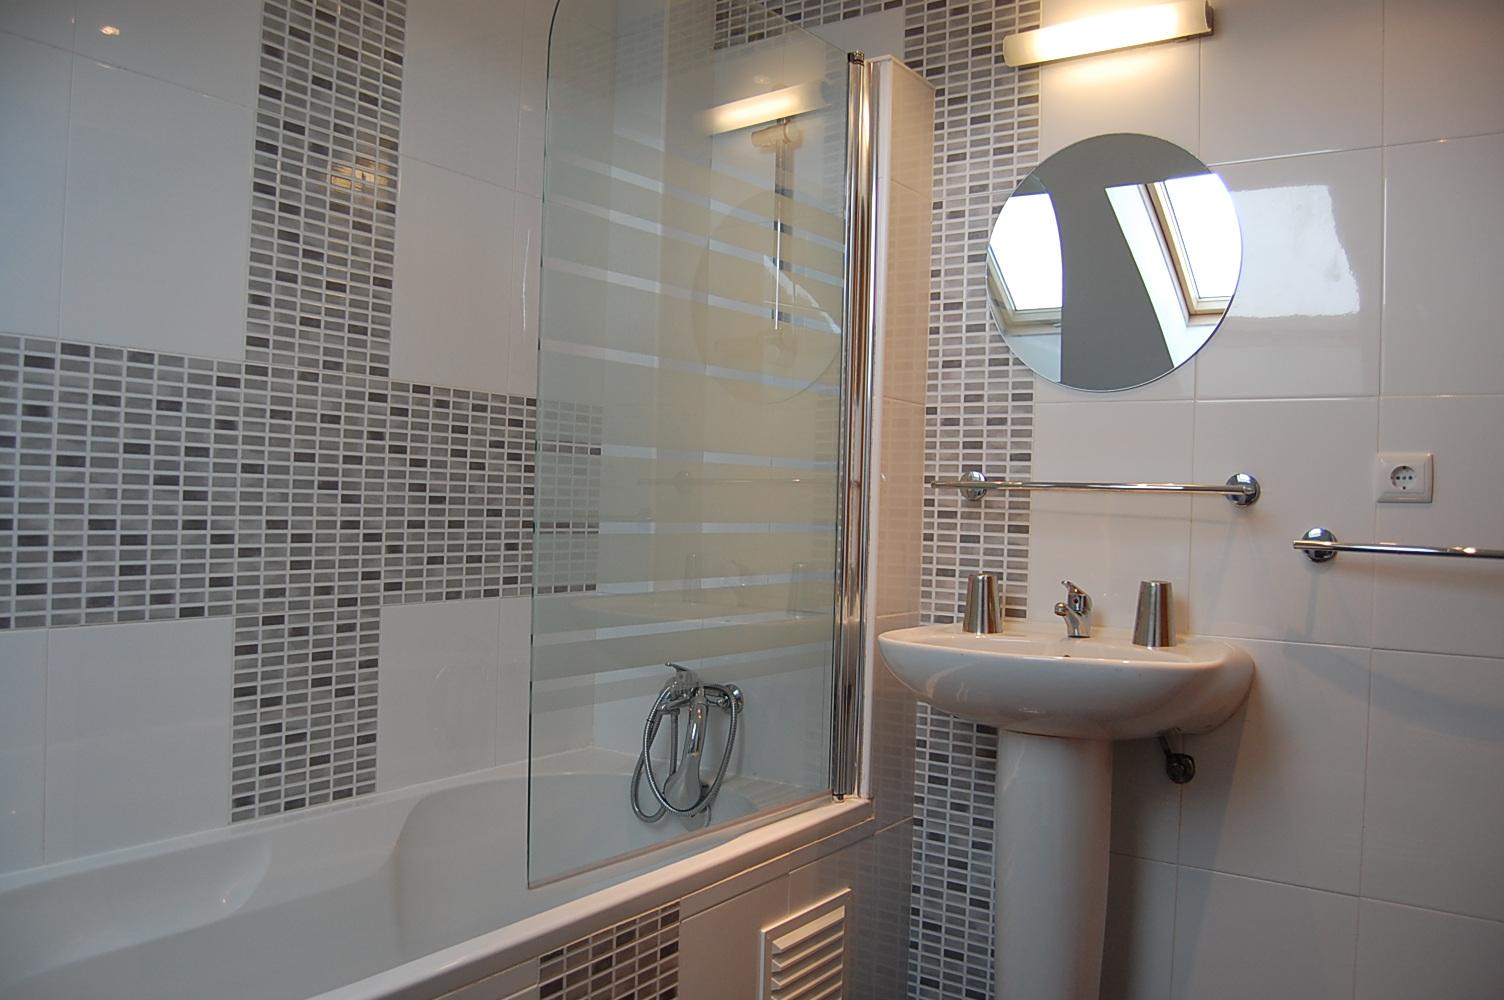 Casa de banho/ Bathroom